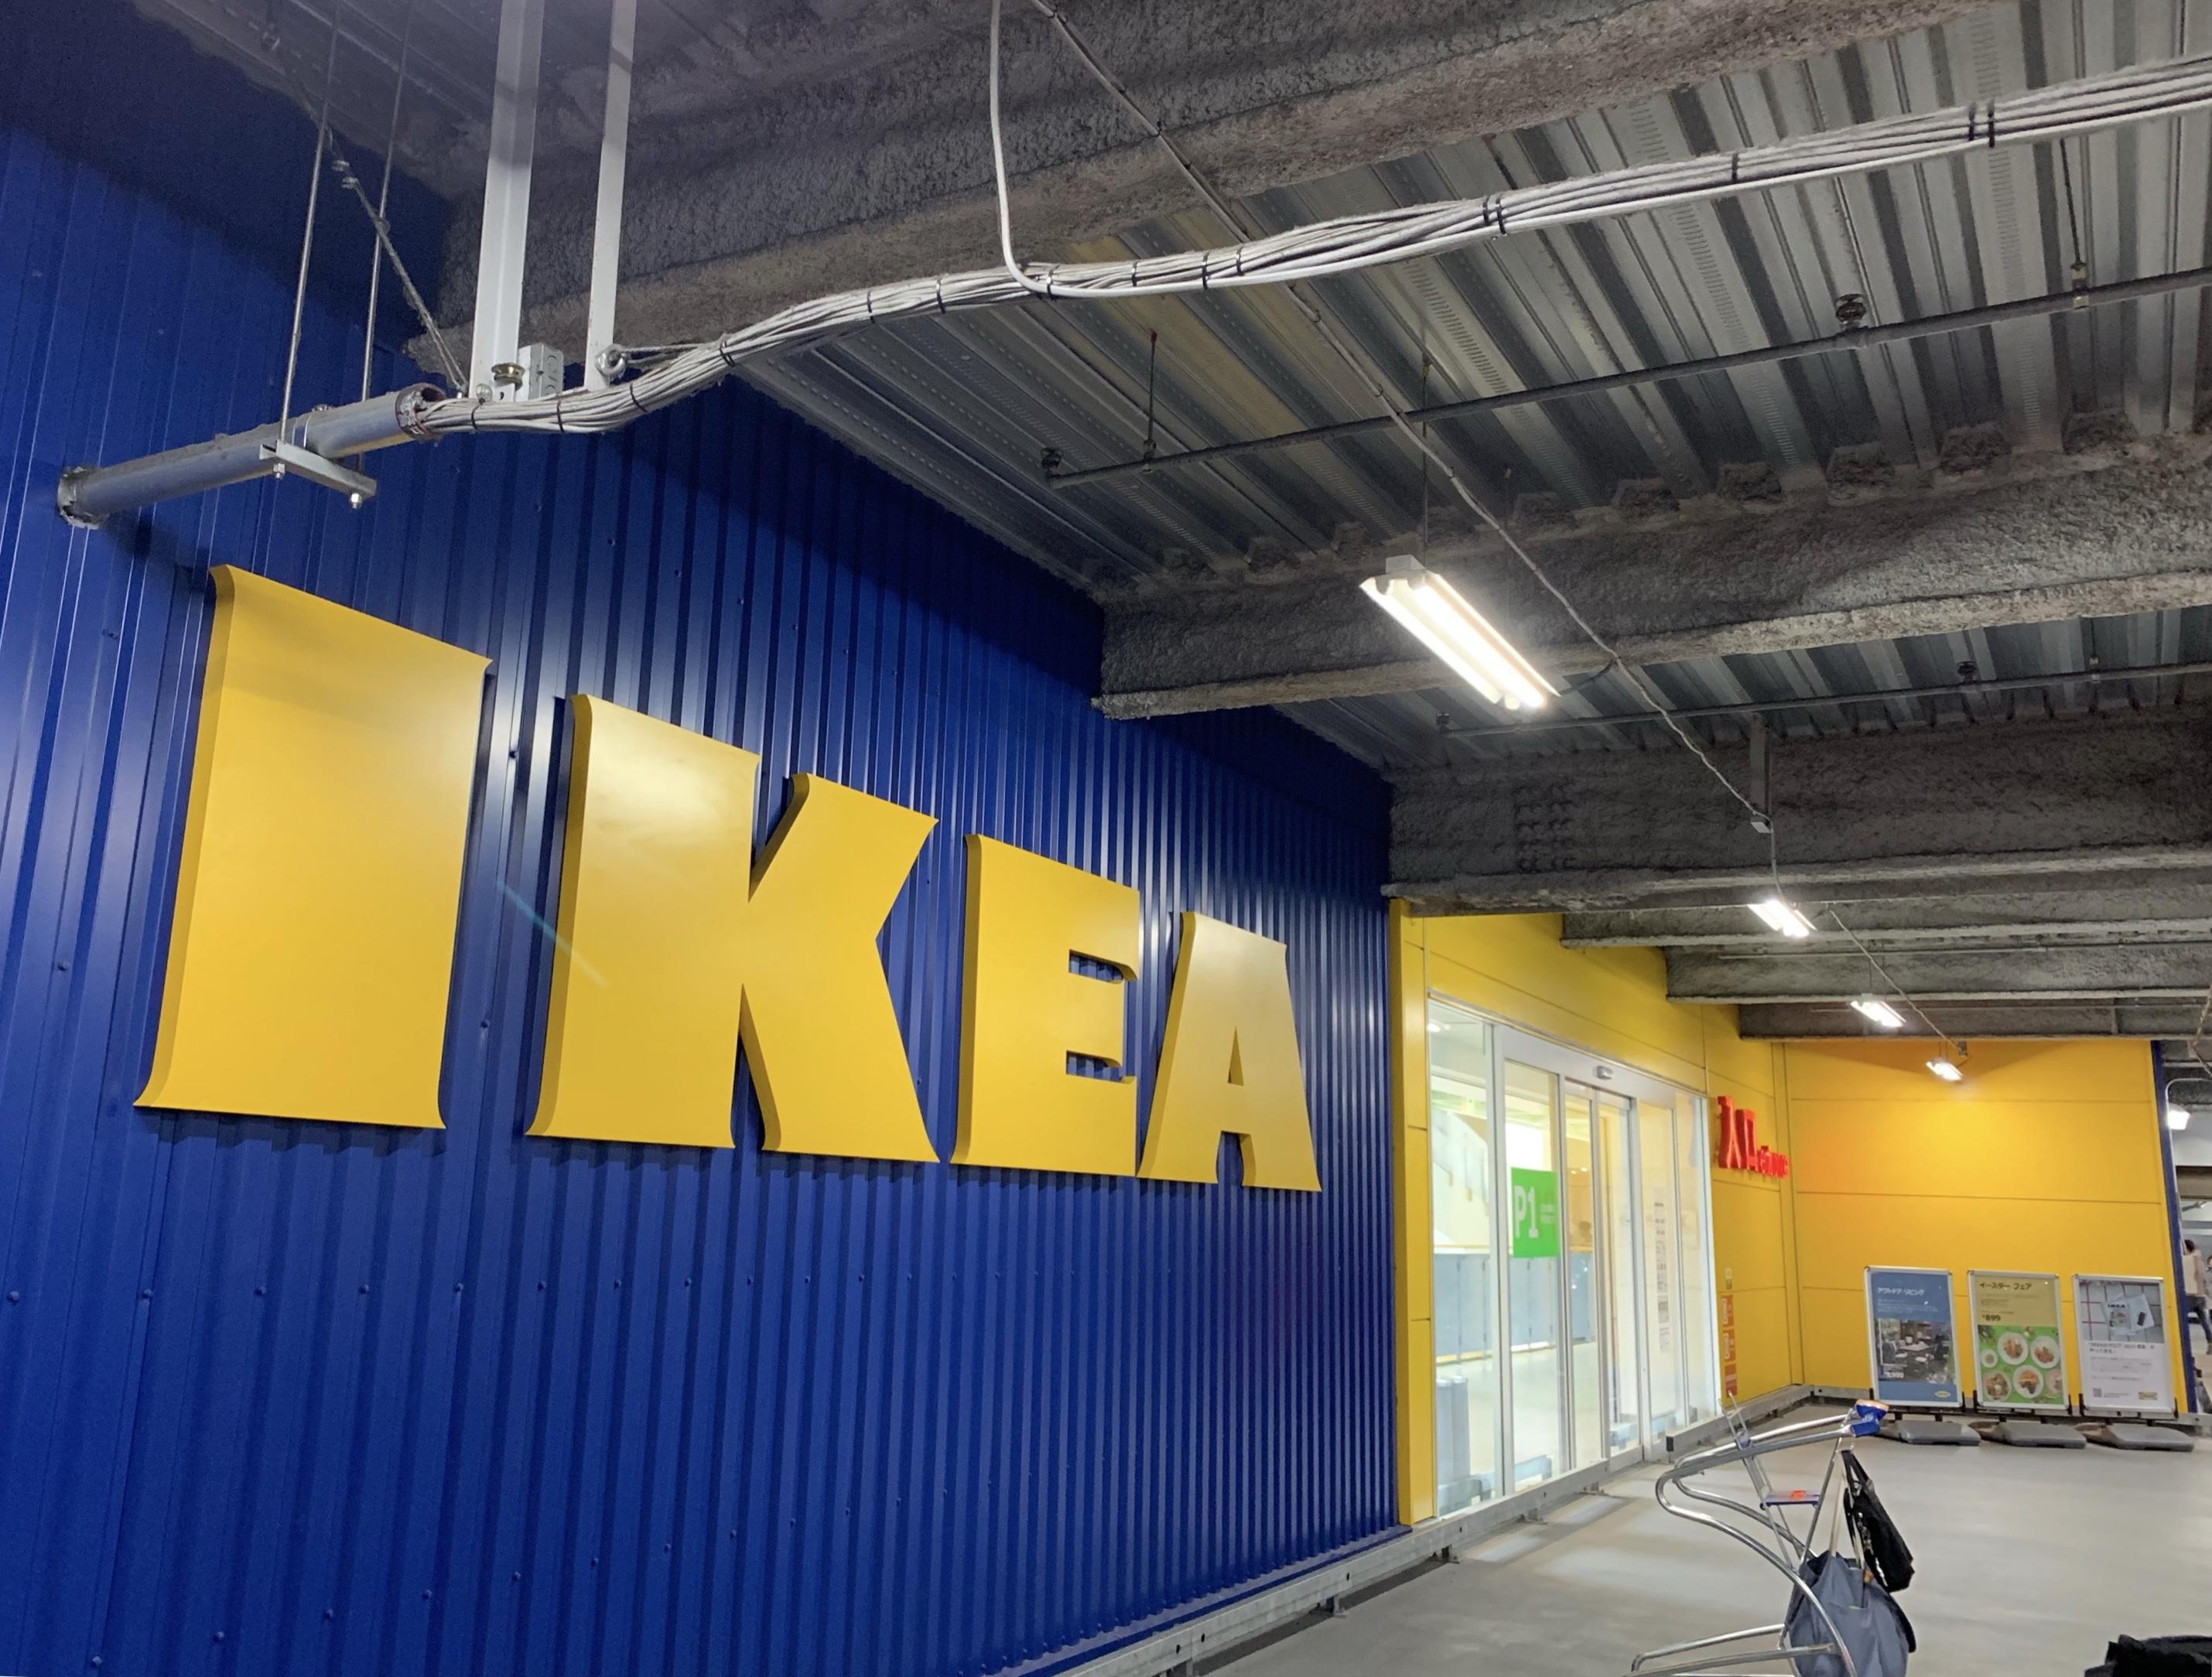 IKEAに行ってきました✌︎︎_1_1